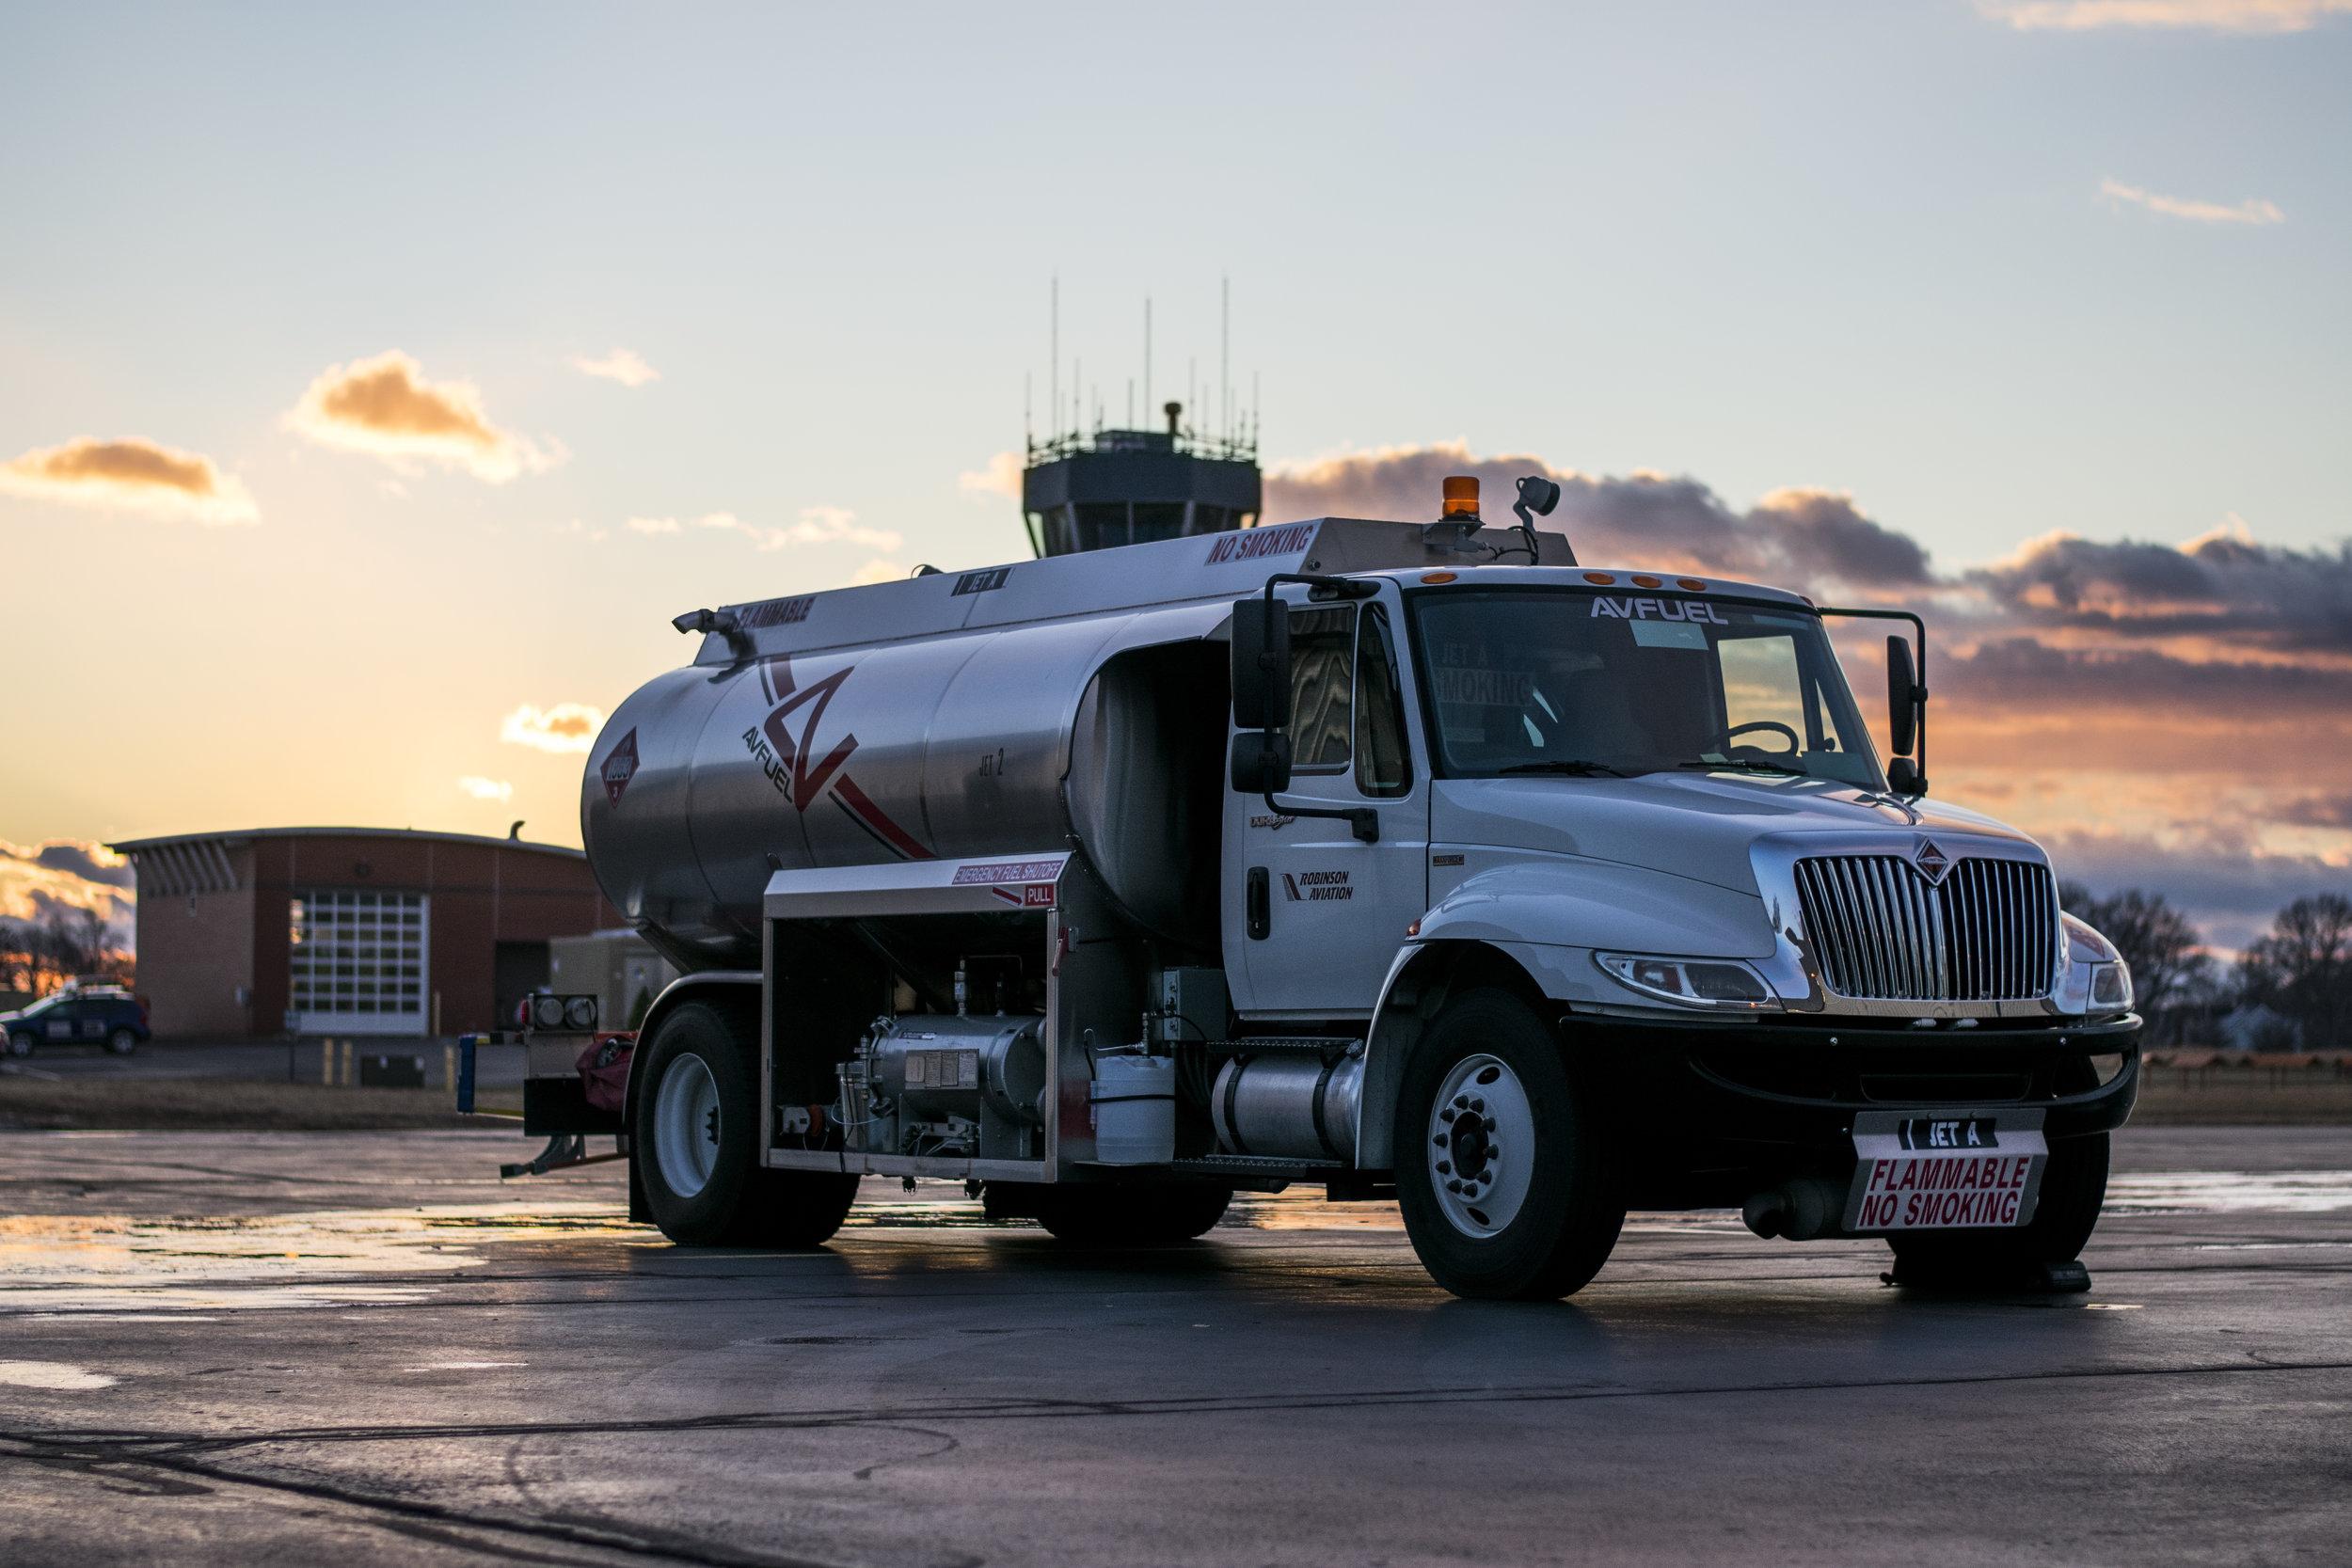 6,000 gallon per-uplift capability -